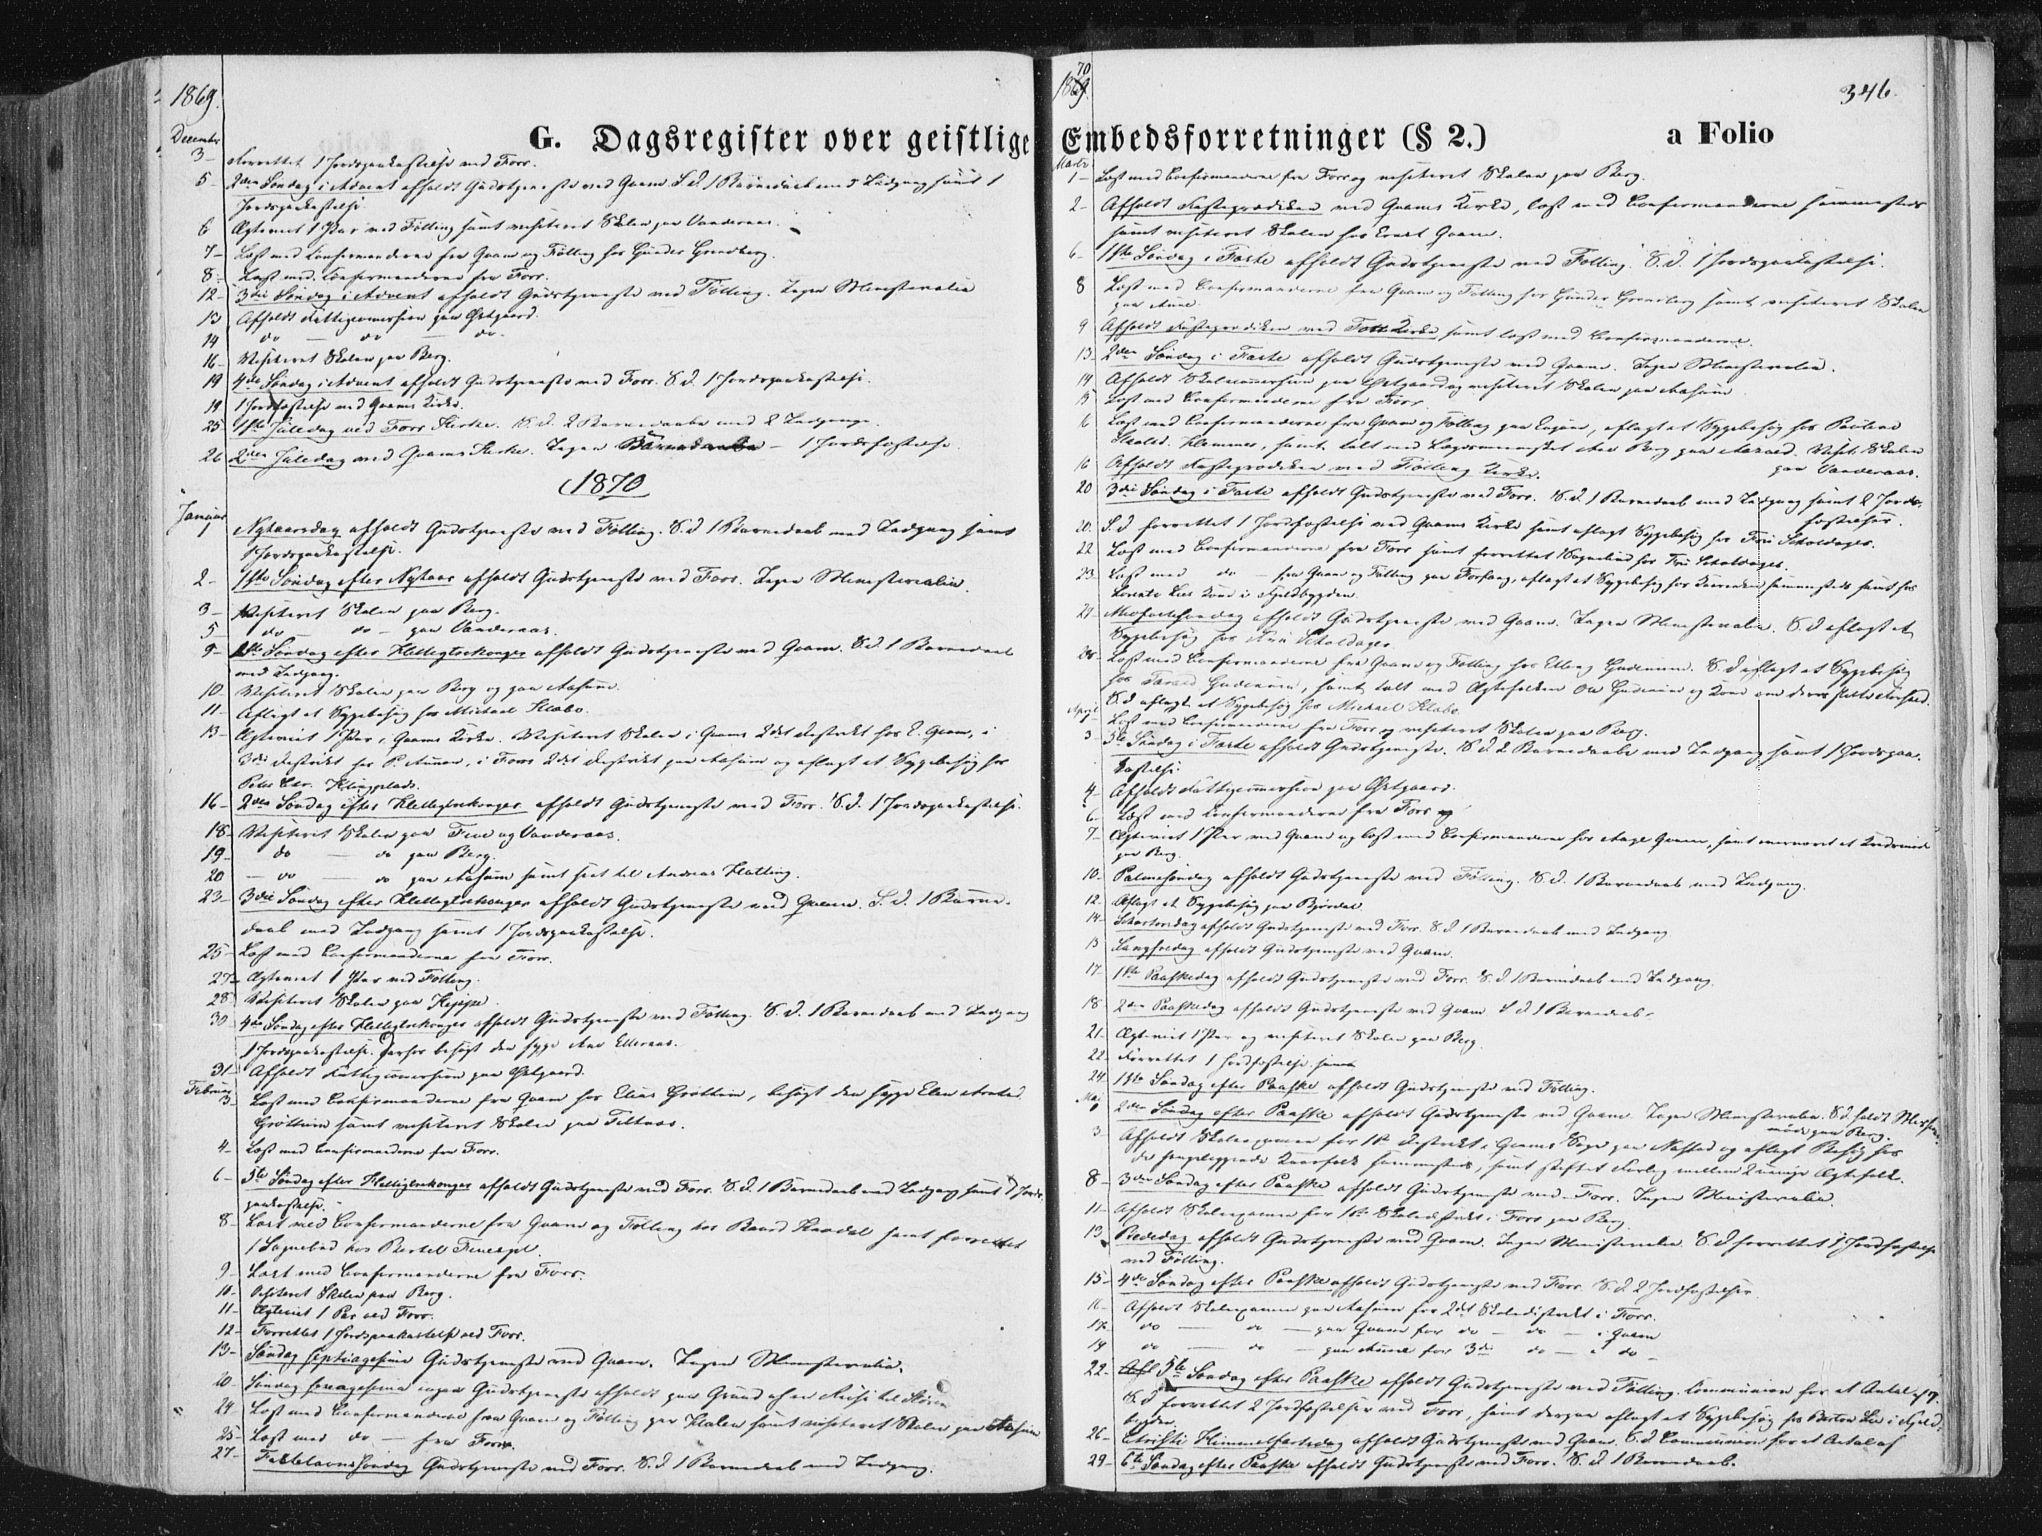 SAT, Ministerialprotokoller, klokkerbøker og fødselsregistre - Nord-Trøndelag, 746/L0447: Ministerialbok nr. 746A06, 1860-1877, s. 346